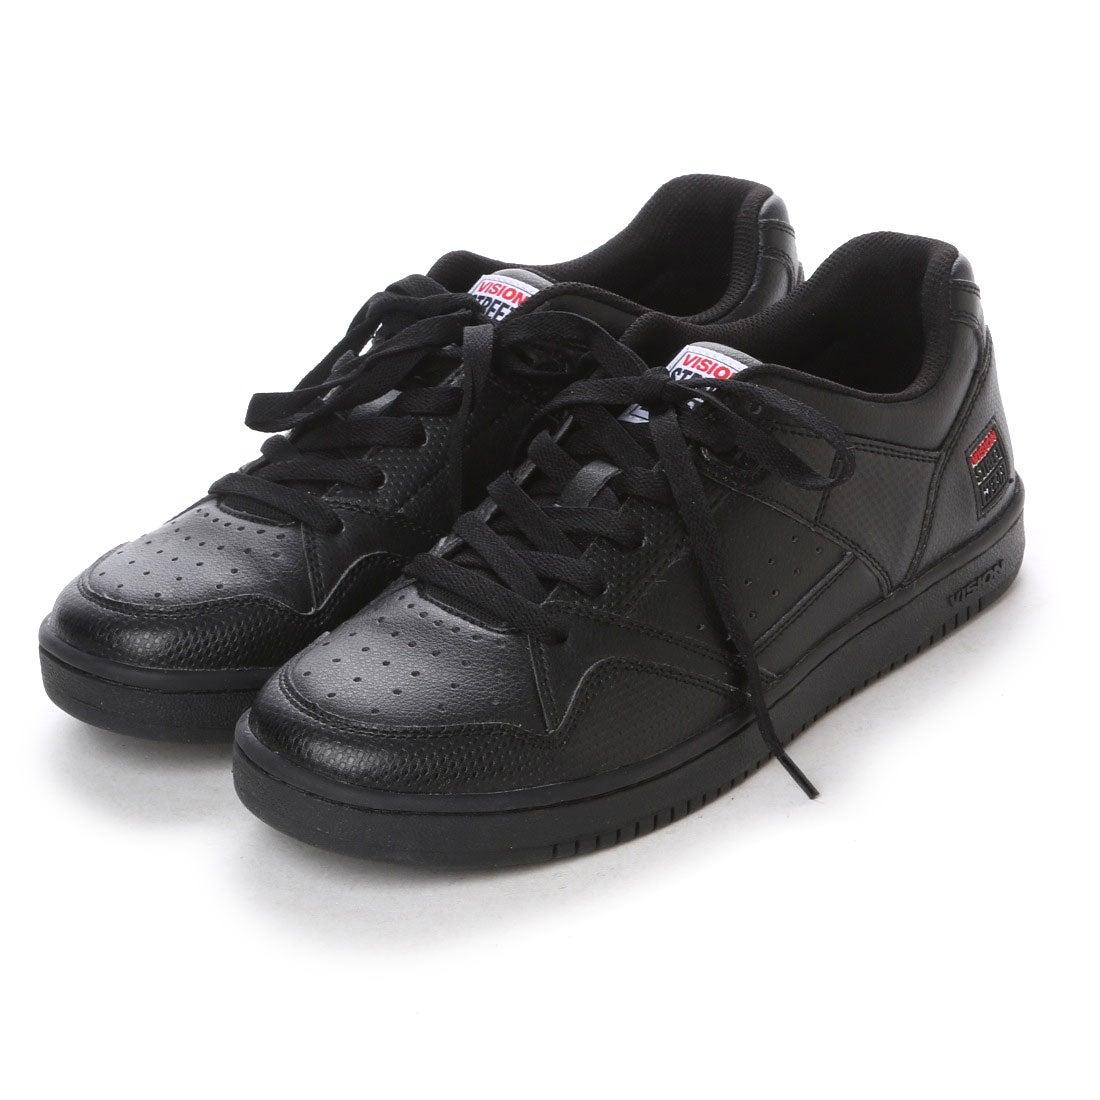 ビジョン ストリート ウェア VISION STREET WEAR メイウッドLO (ブラック) ,靴とファッションの通販サイト ロコンド